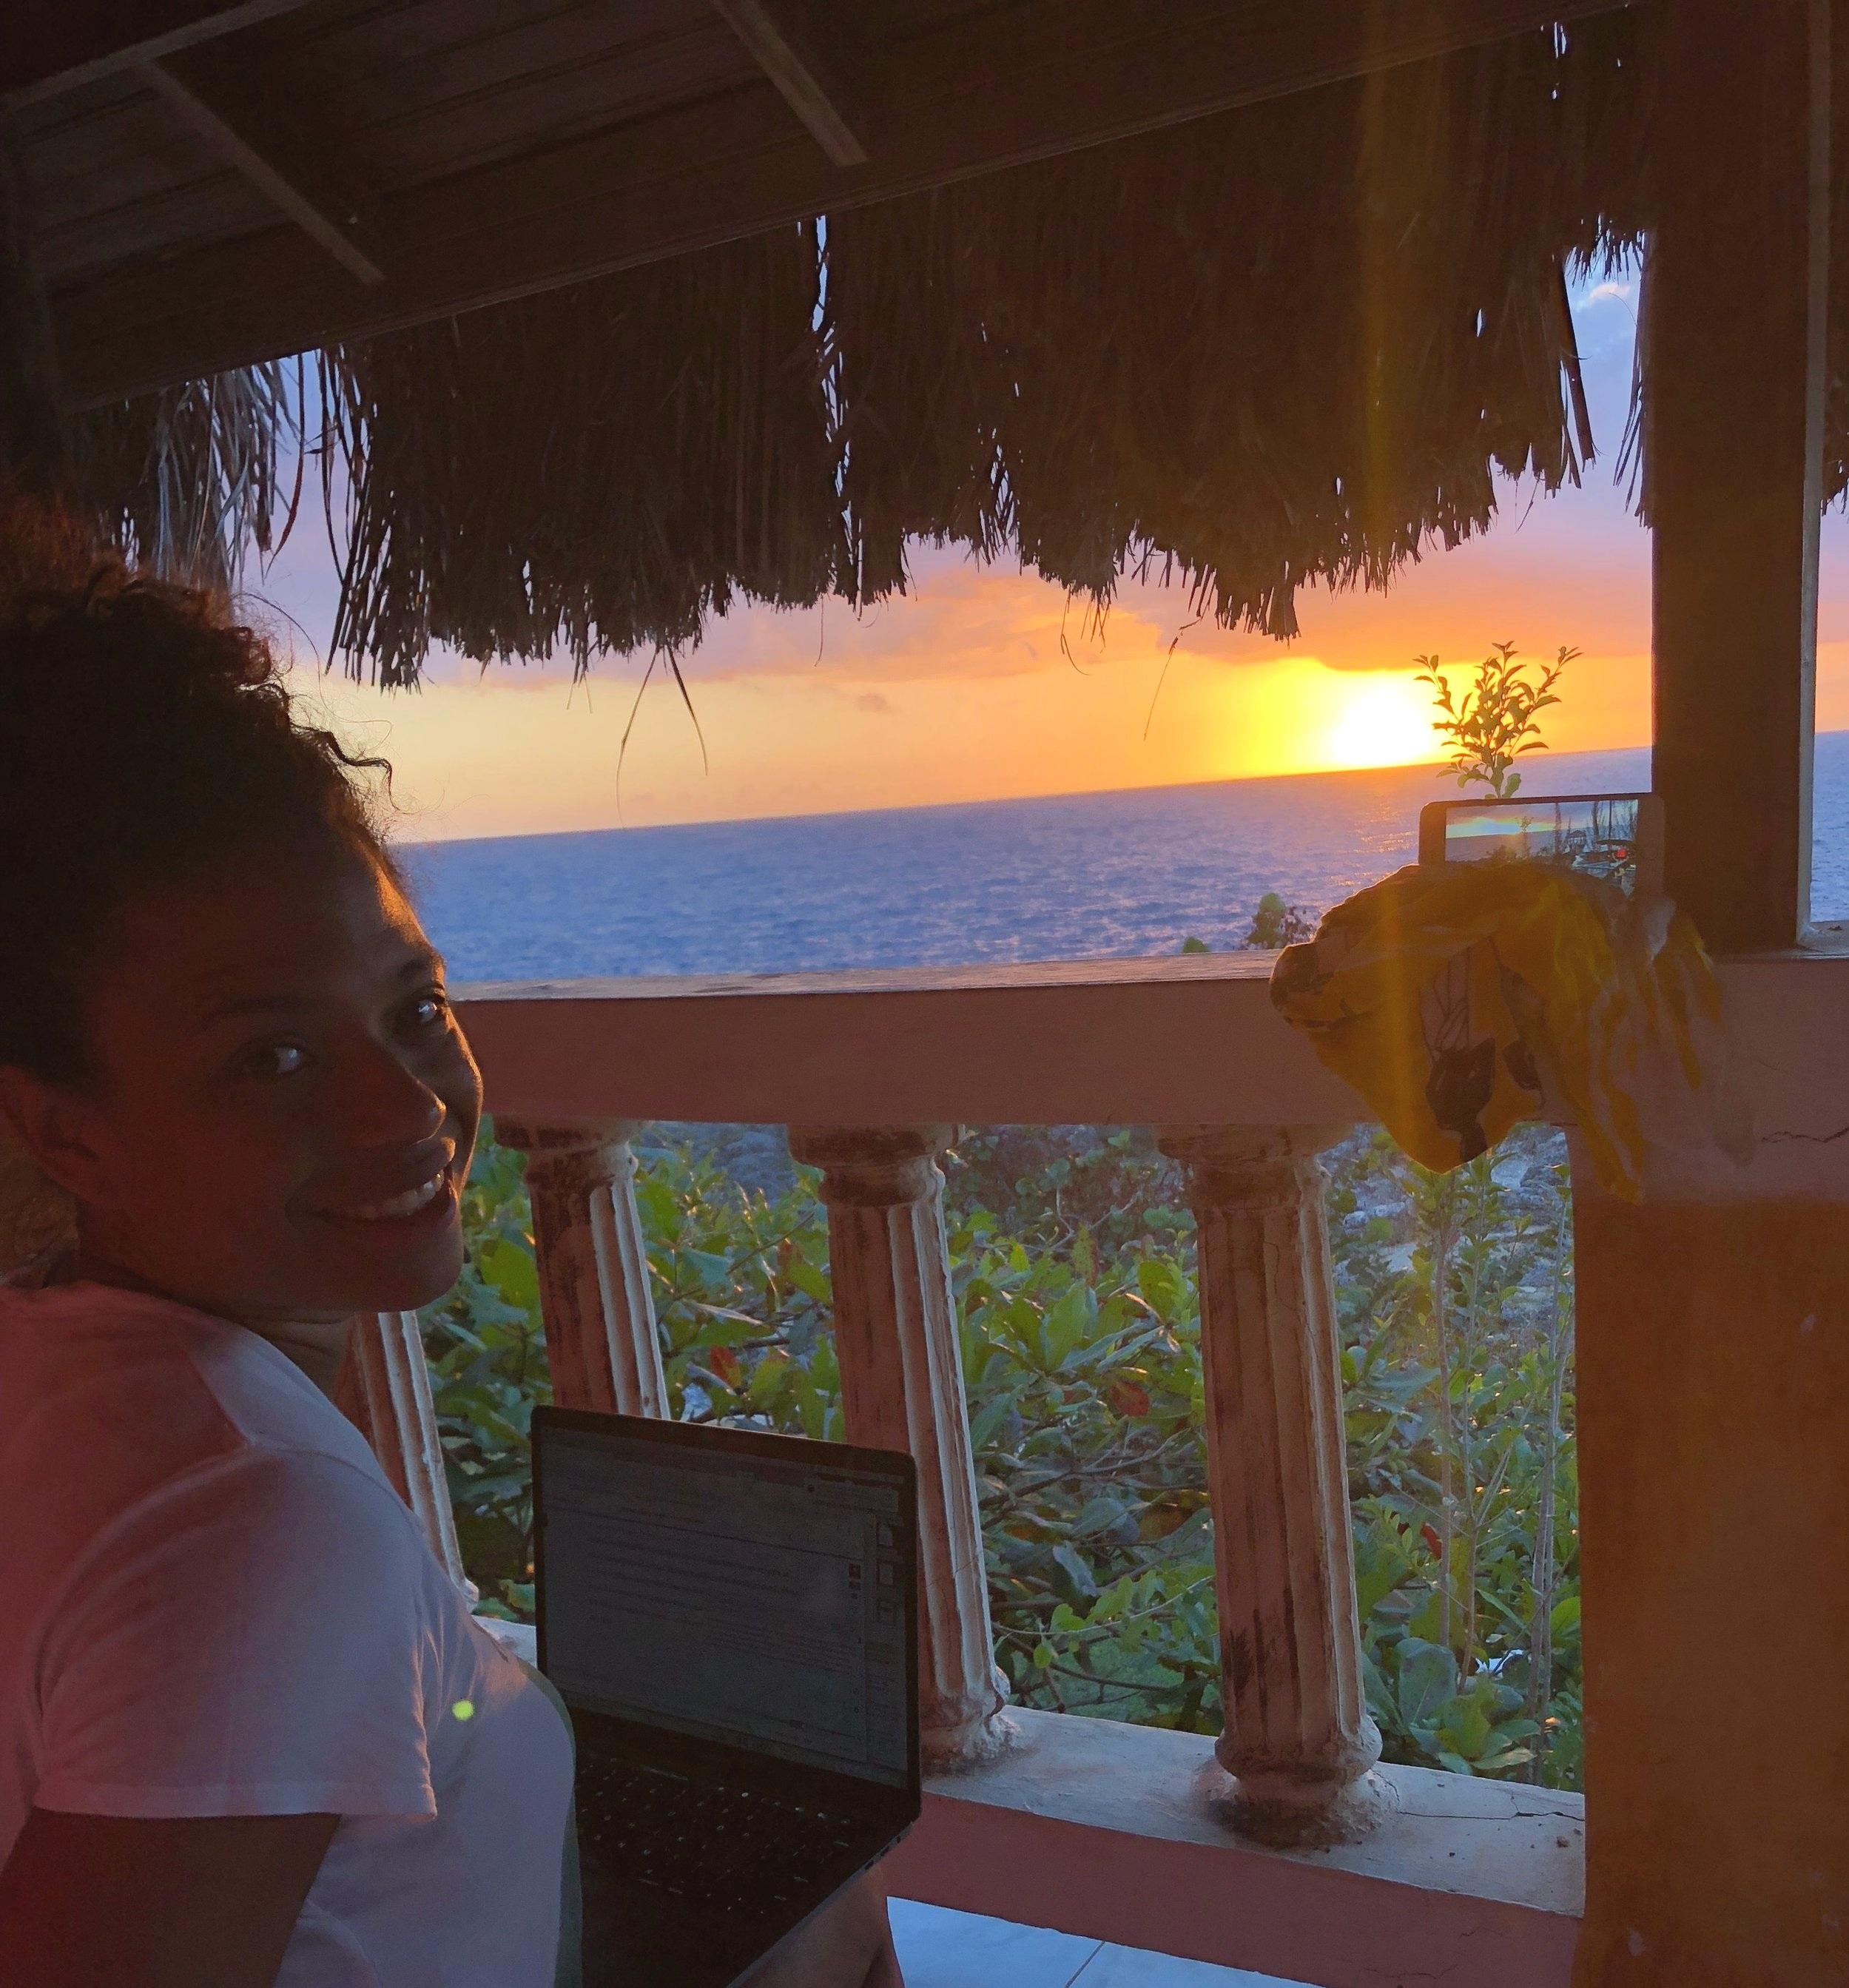 Ja+sunset+computer.jpg